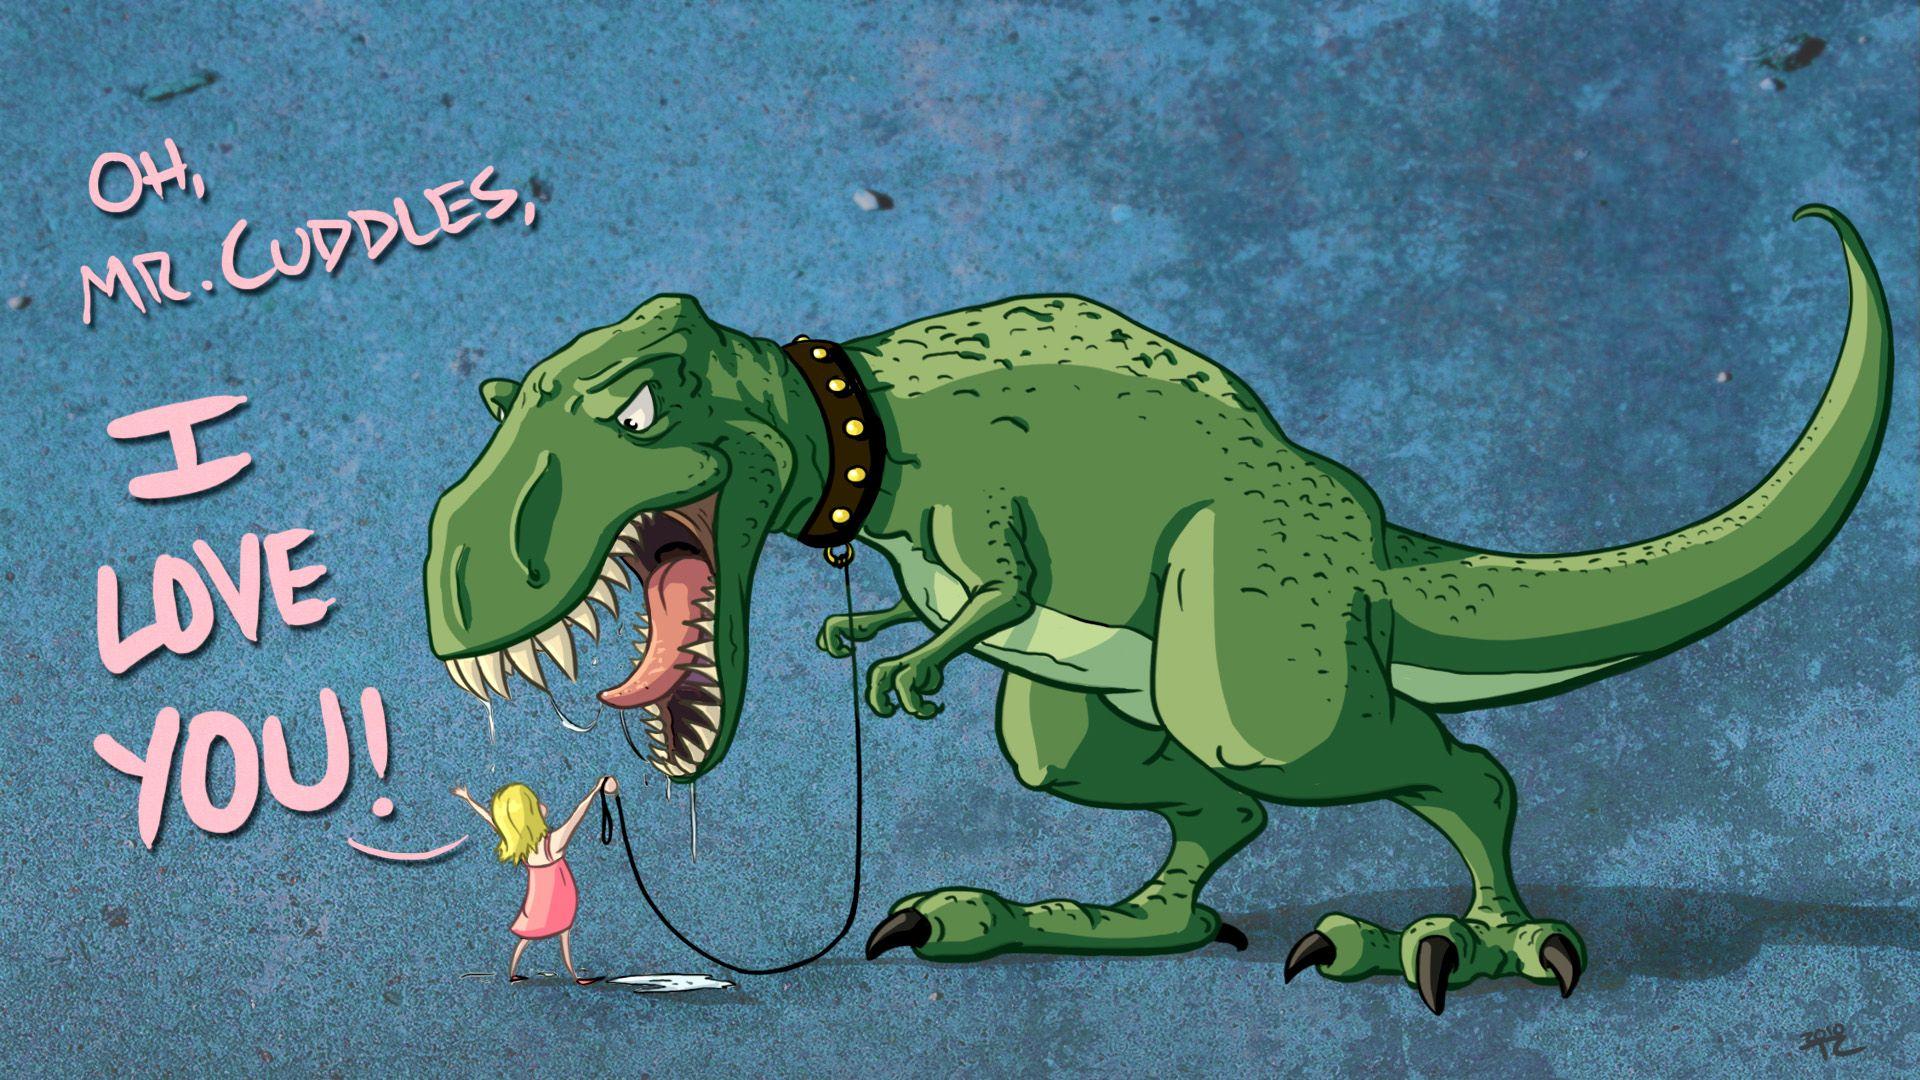 Funny Cartoon Dinosaurs Wallpaper Hd Funny Wallpapers Hd Dinosaur Funny Dinosaur Wallpaper Cute Dinosaur